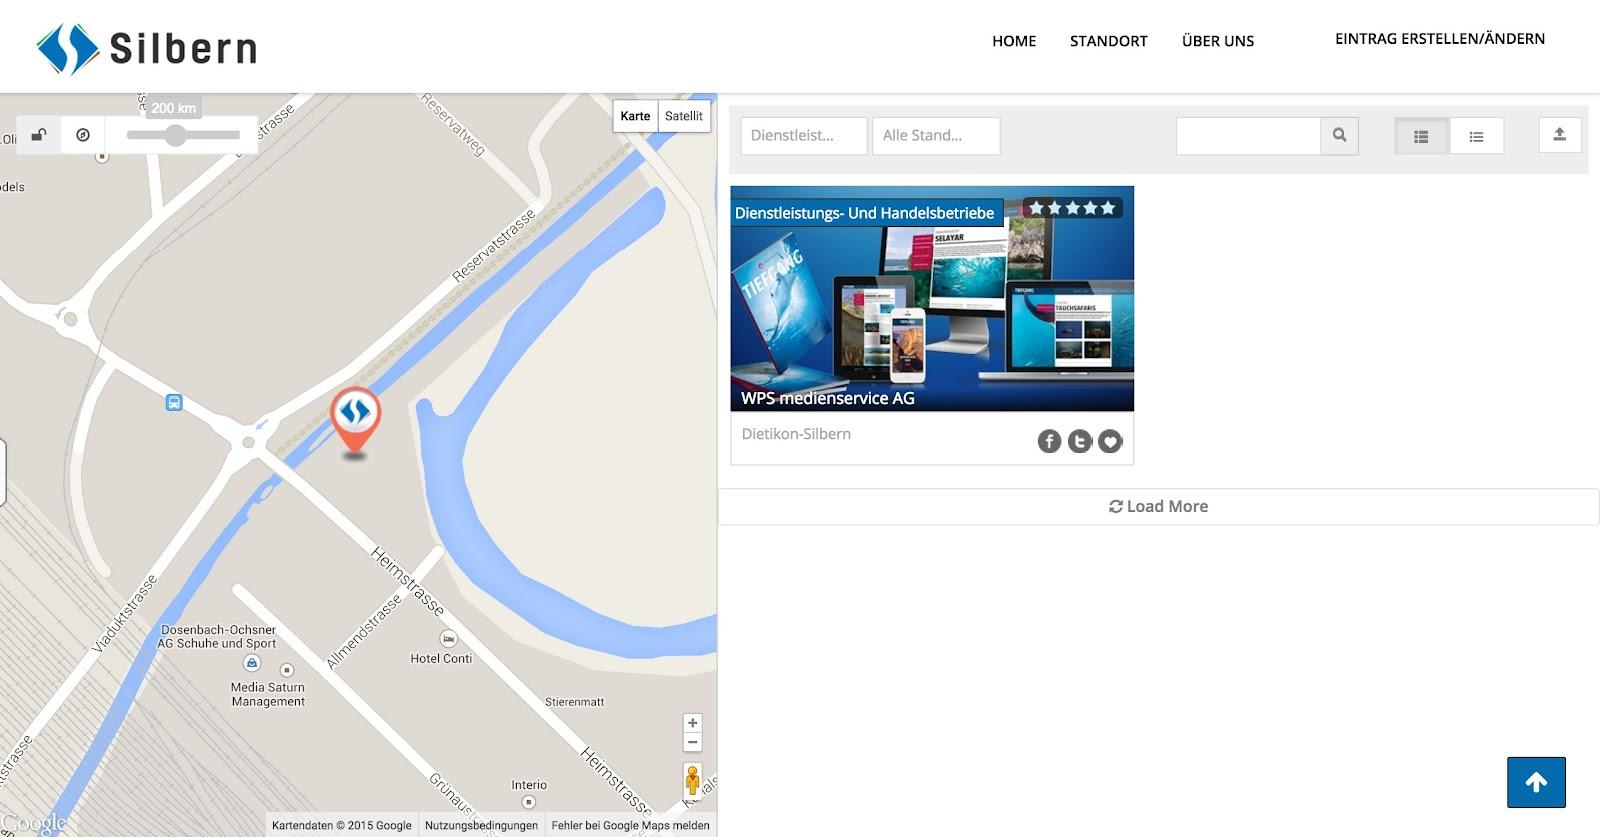 Adresse für den Eintrag auf der Karte